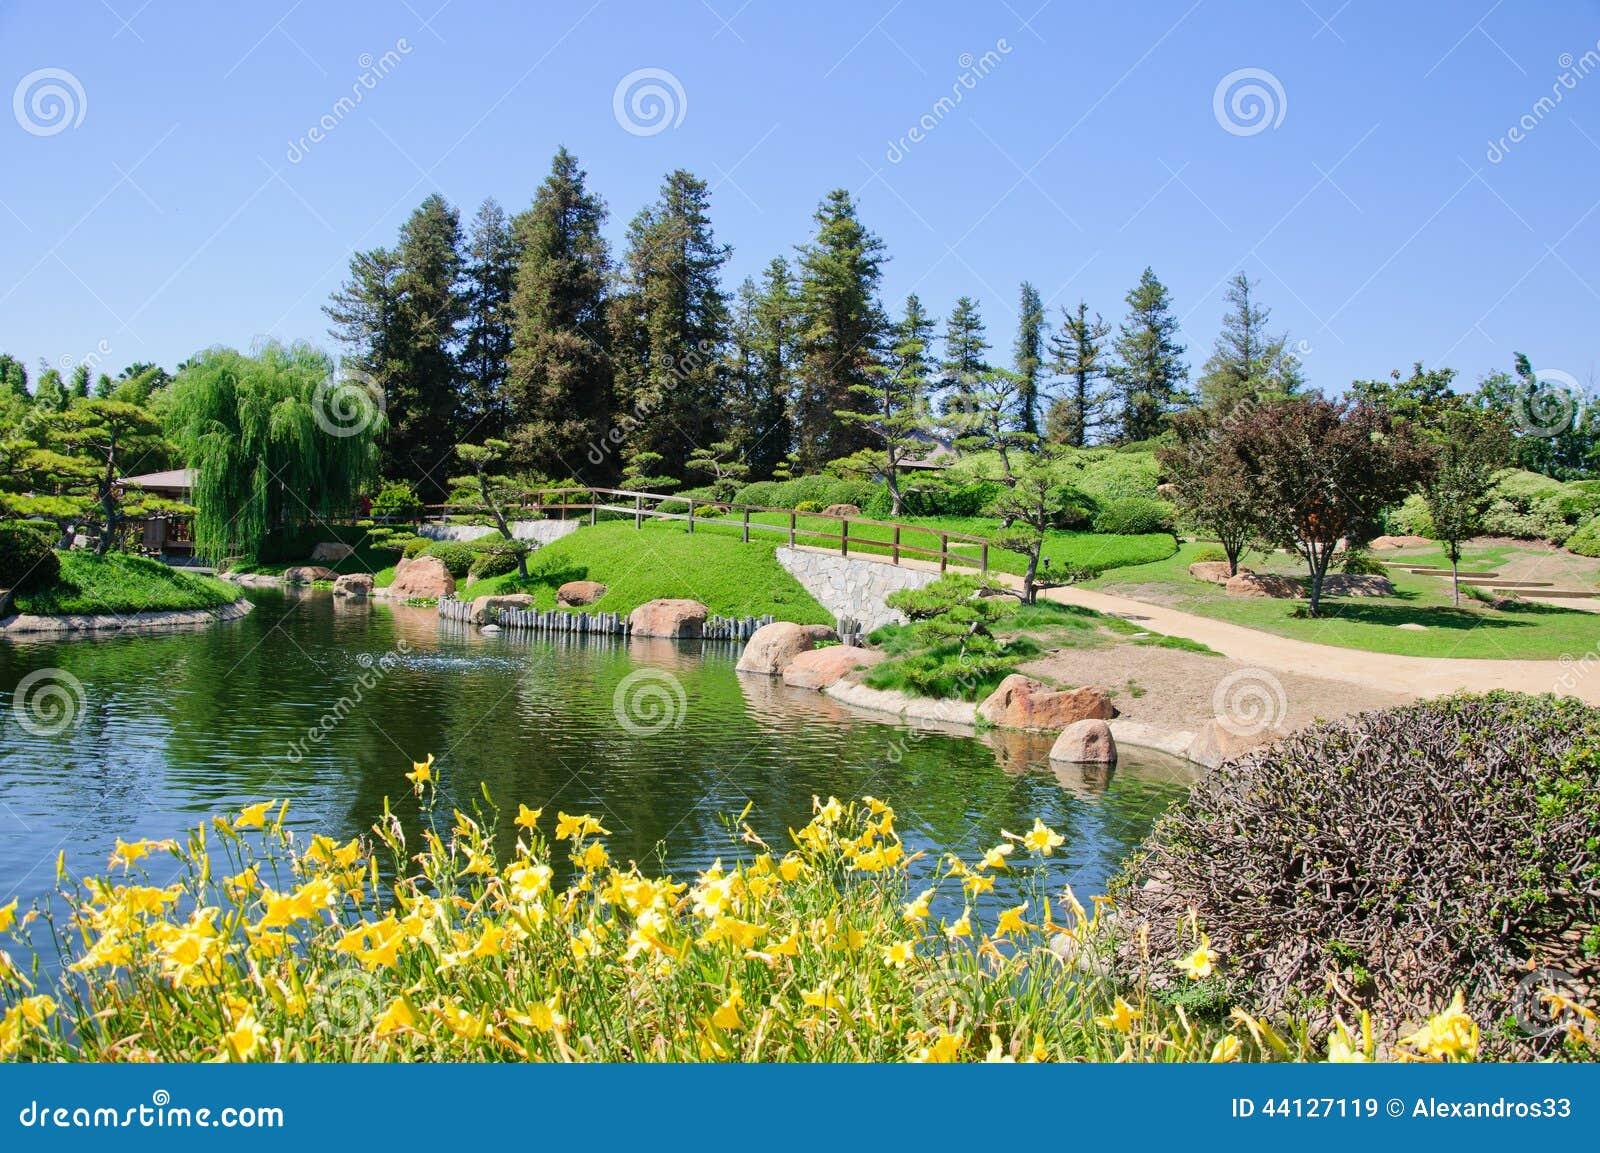 asian garden plants los angeles ca